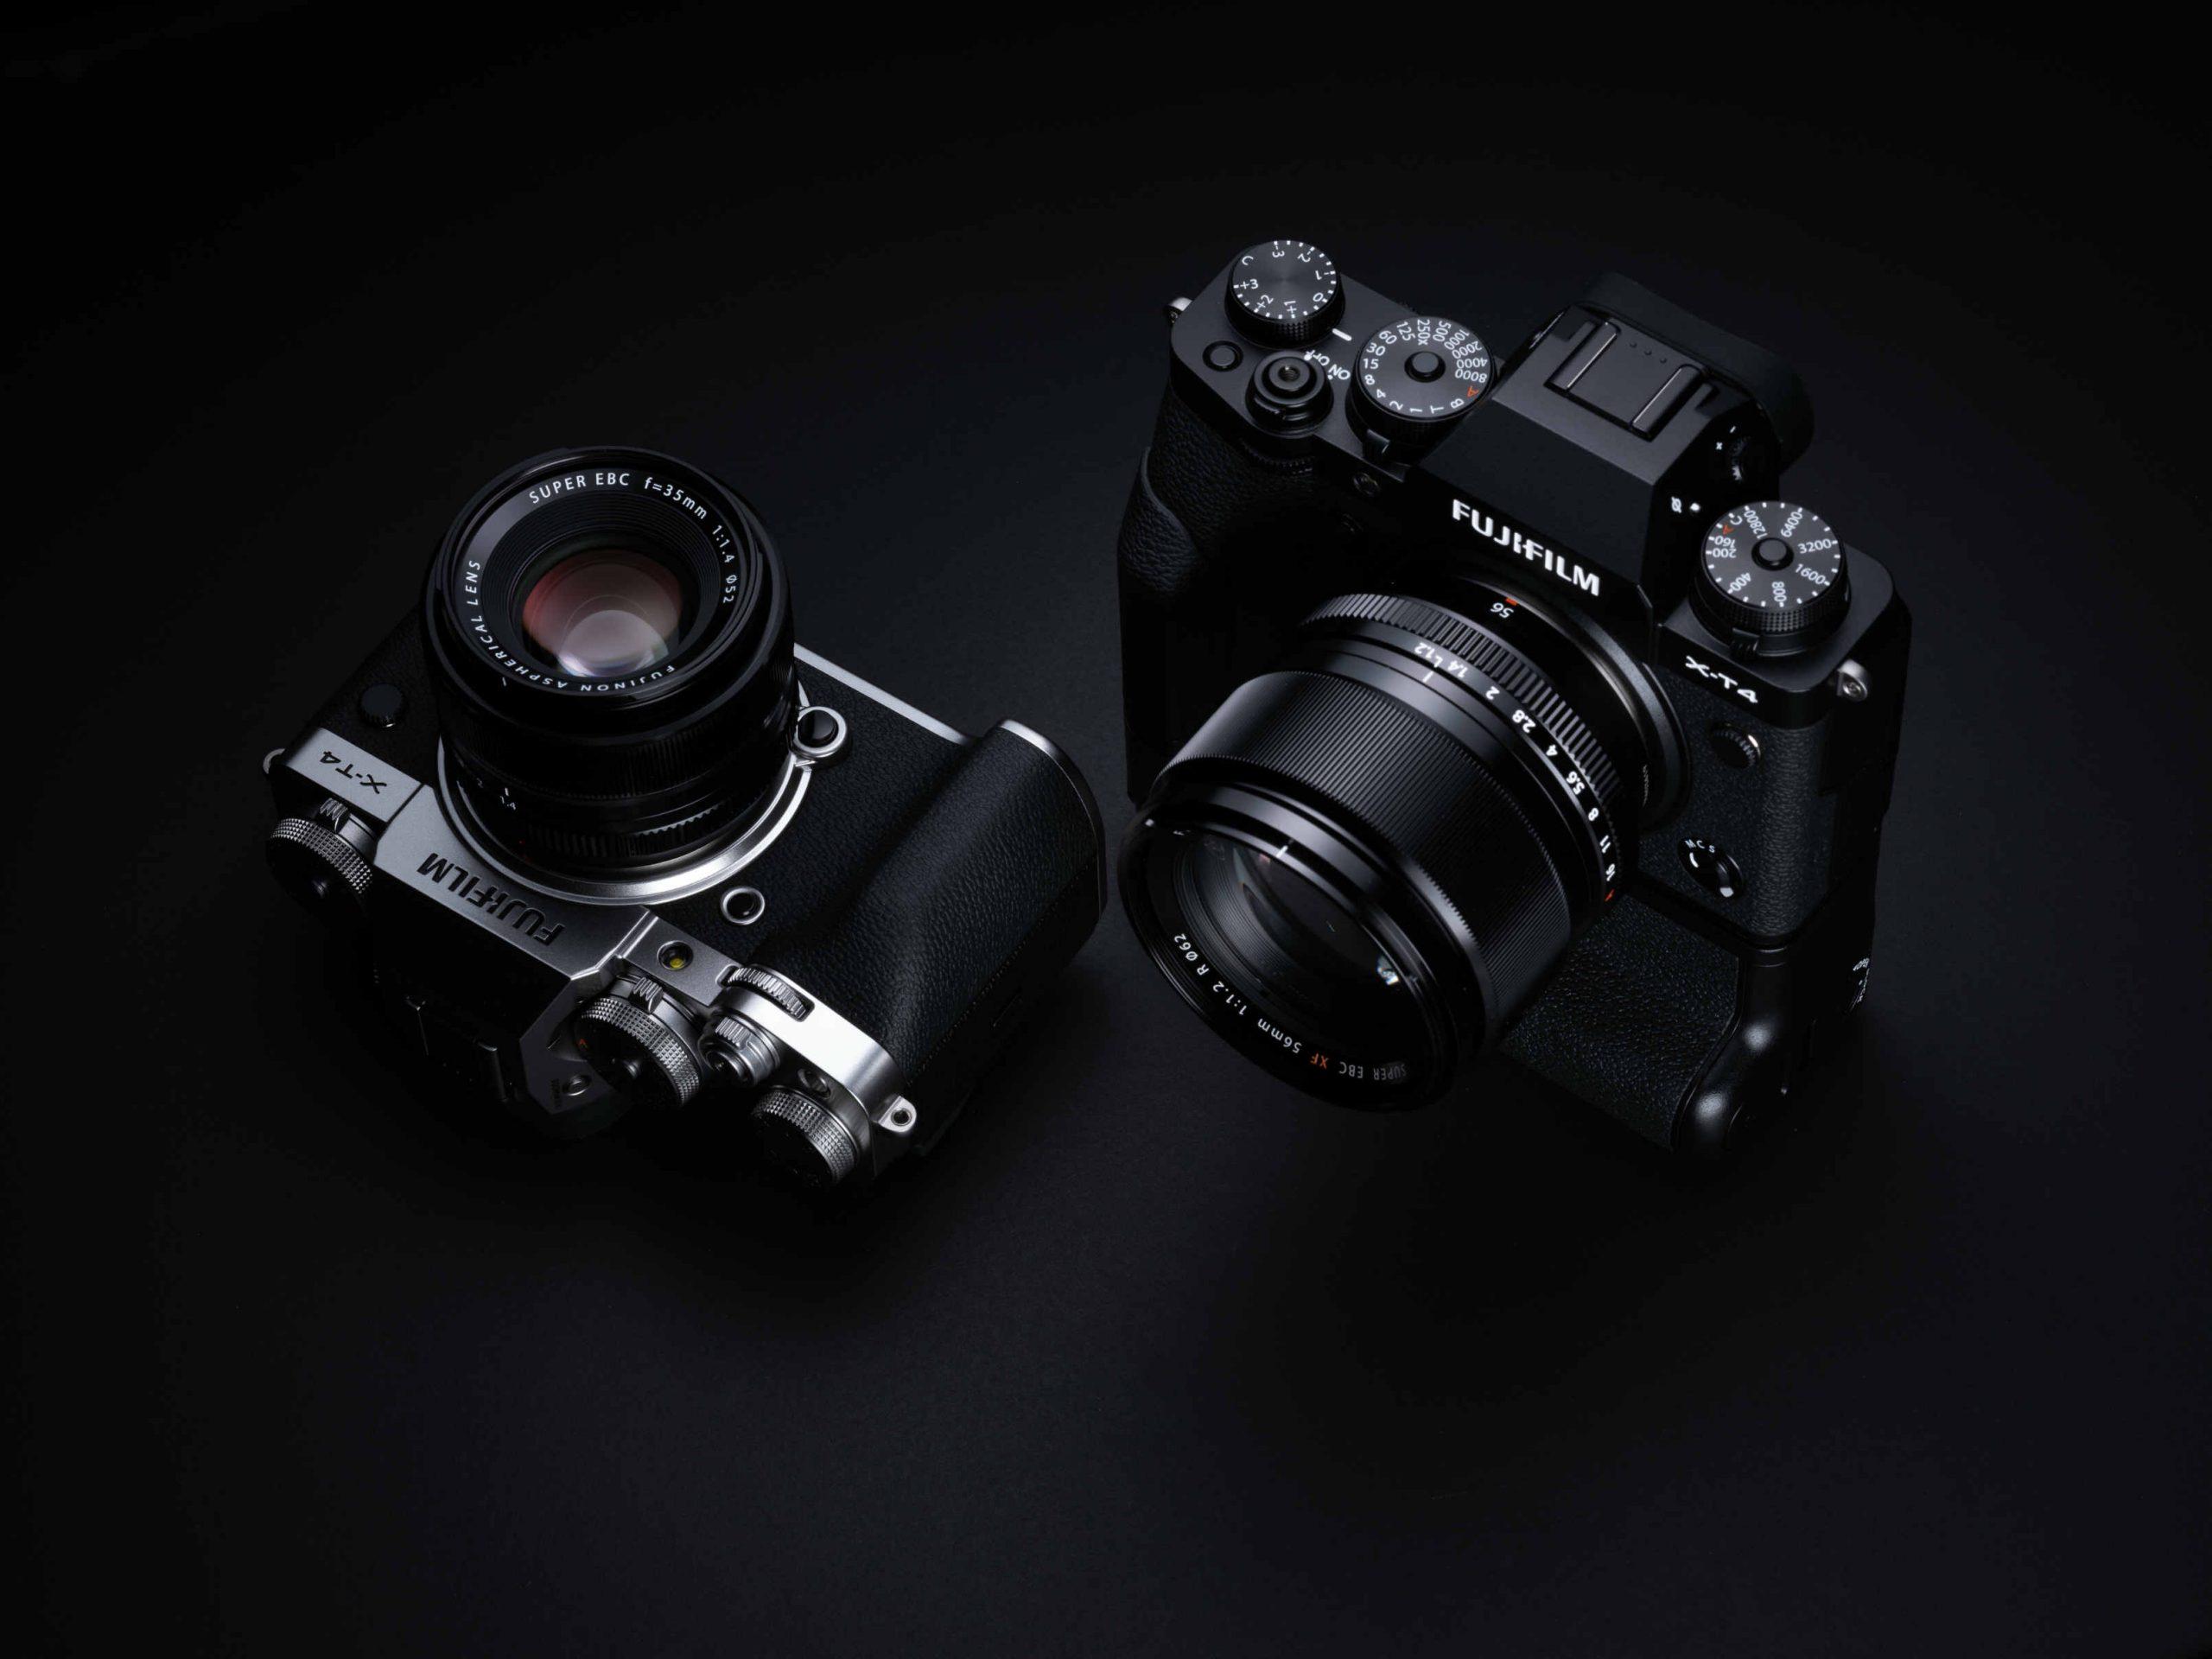 Con Fujifilm acquisti una fotocamera e ottieni 200 € di rimborso thumbnail